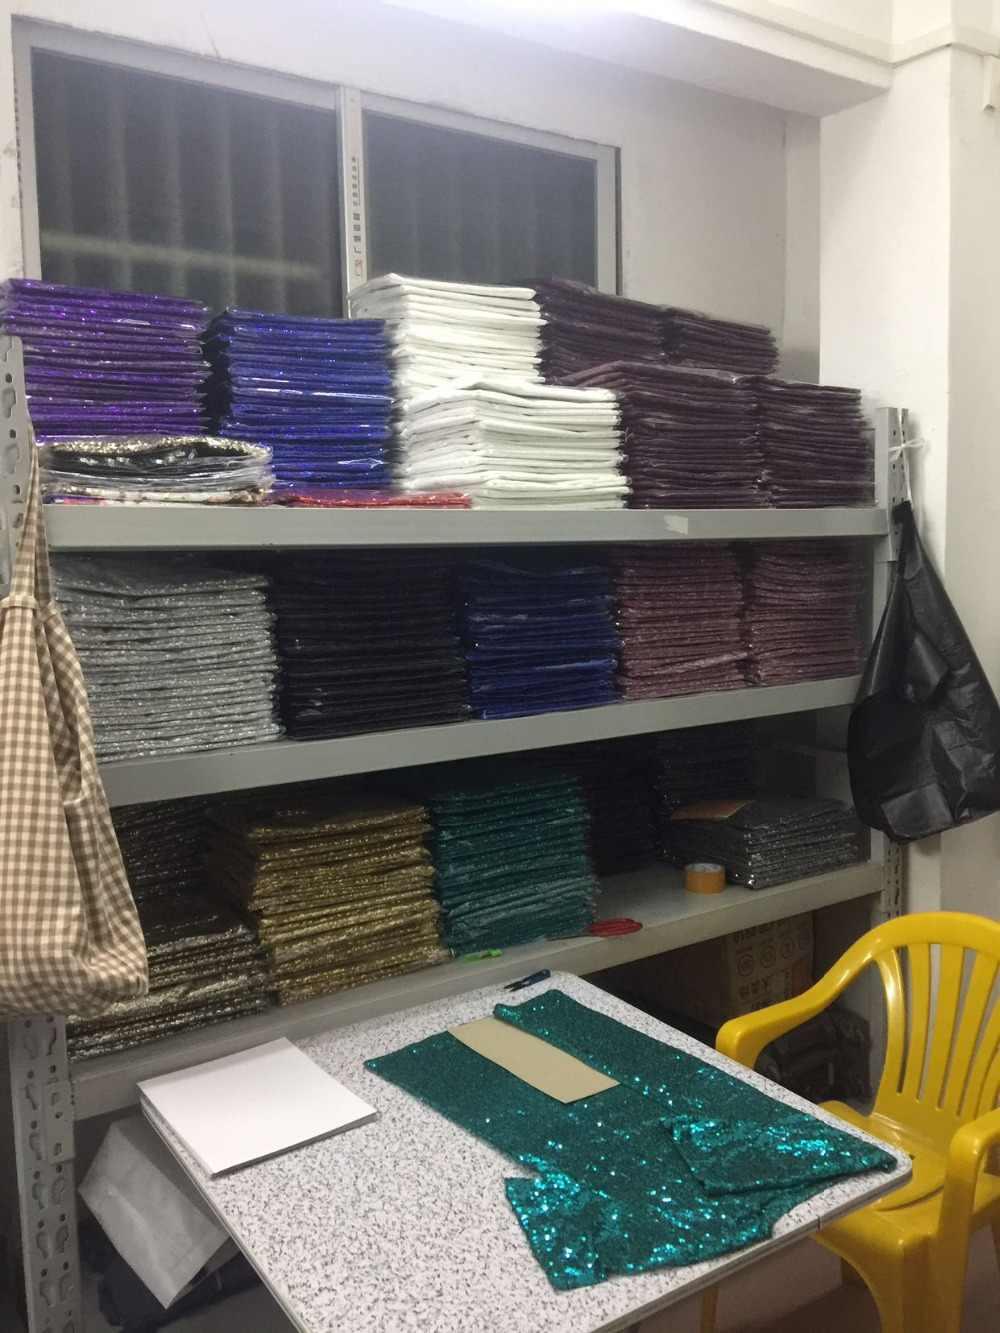 12 Warna 2019 Musim Semi Musim Panas Wanita BLING BLING TEE Kepribadian Siswa Mengkilap T-shirt Kasual Pendek Lengan Wanita Payet Tops